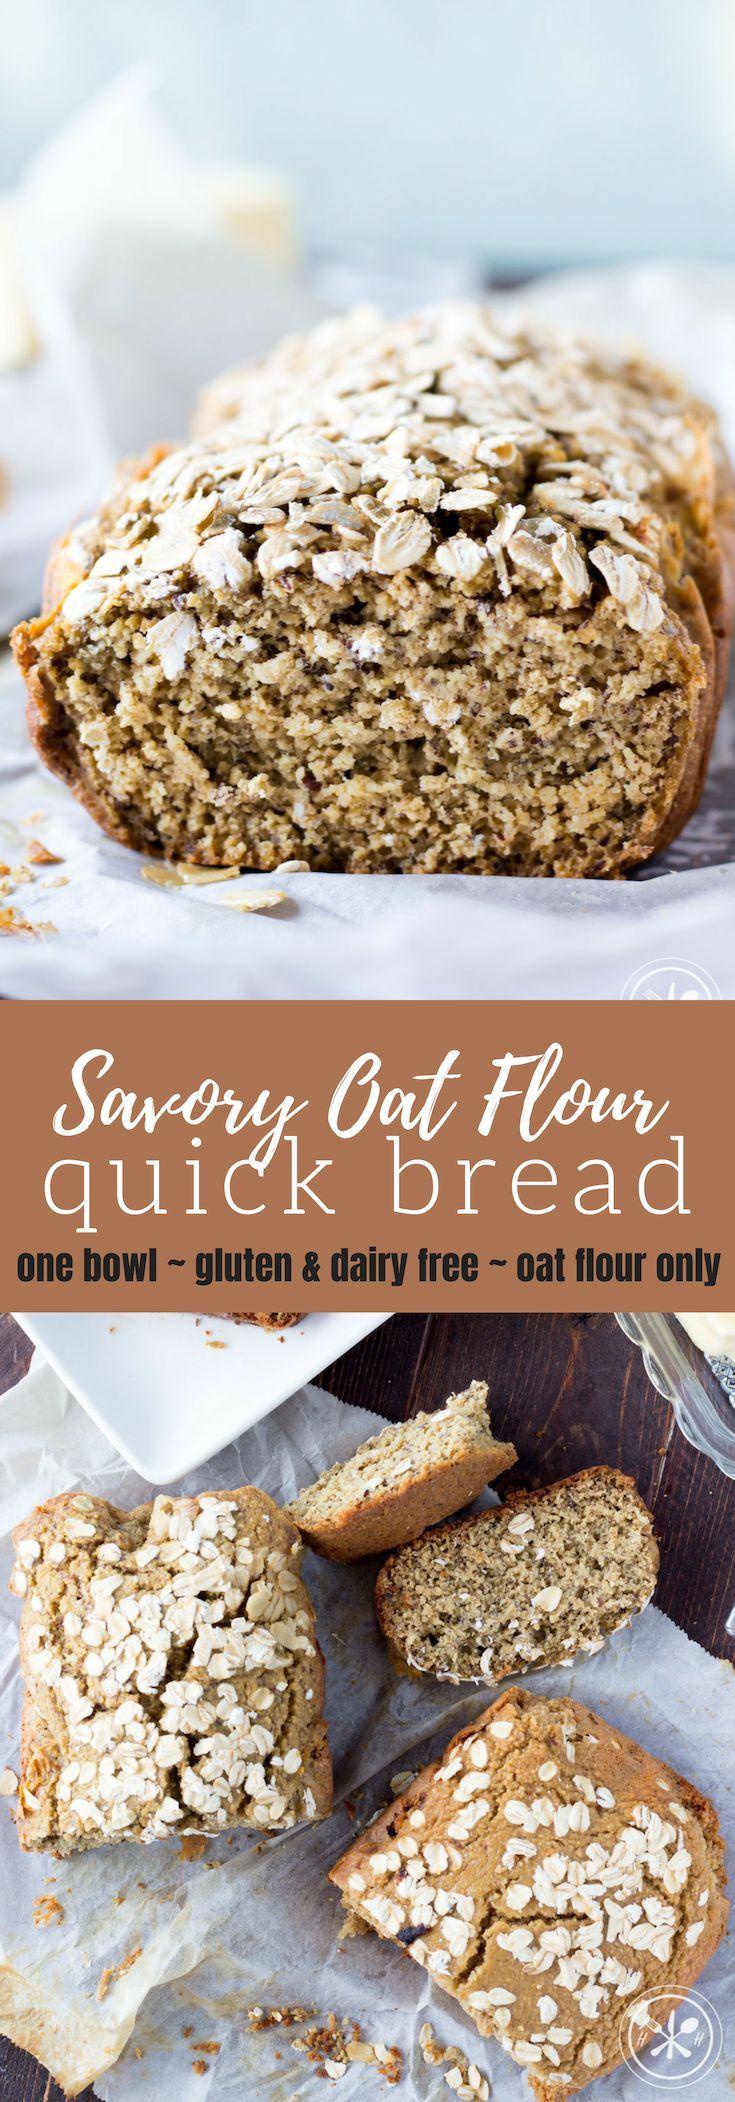 Savory Oat Flour Bread In 2020 Oat Bread Recipe Oat Flour Gluten Free Oat Flour